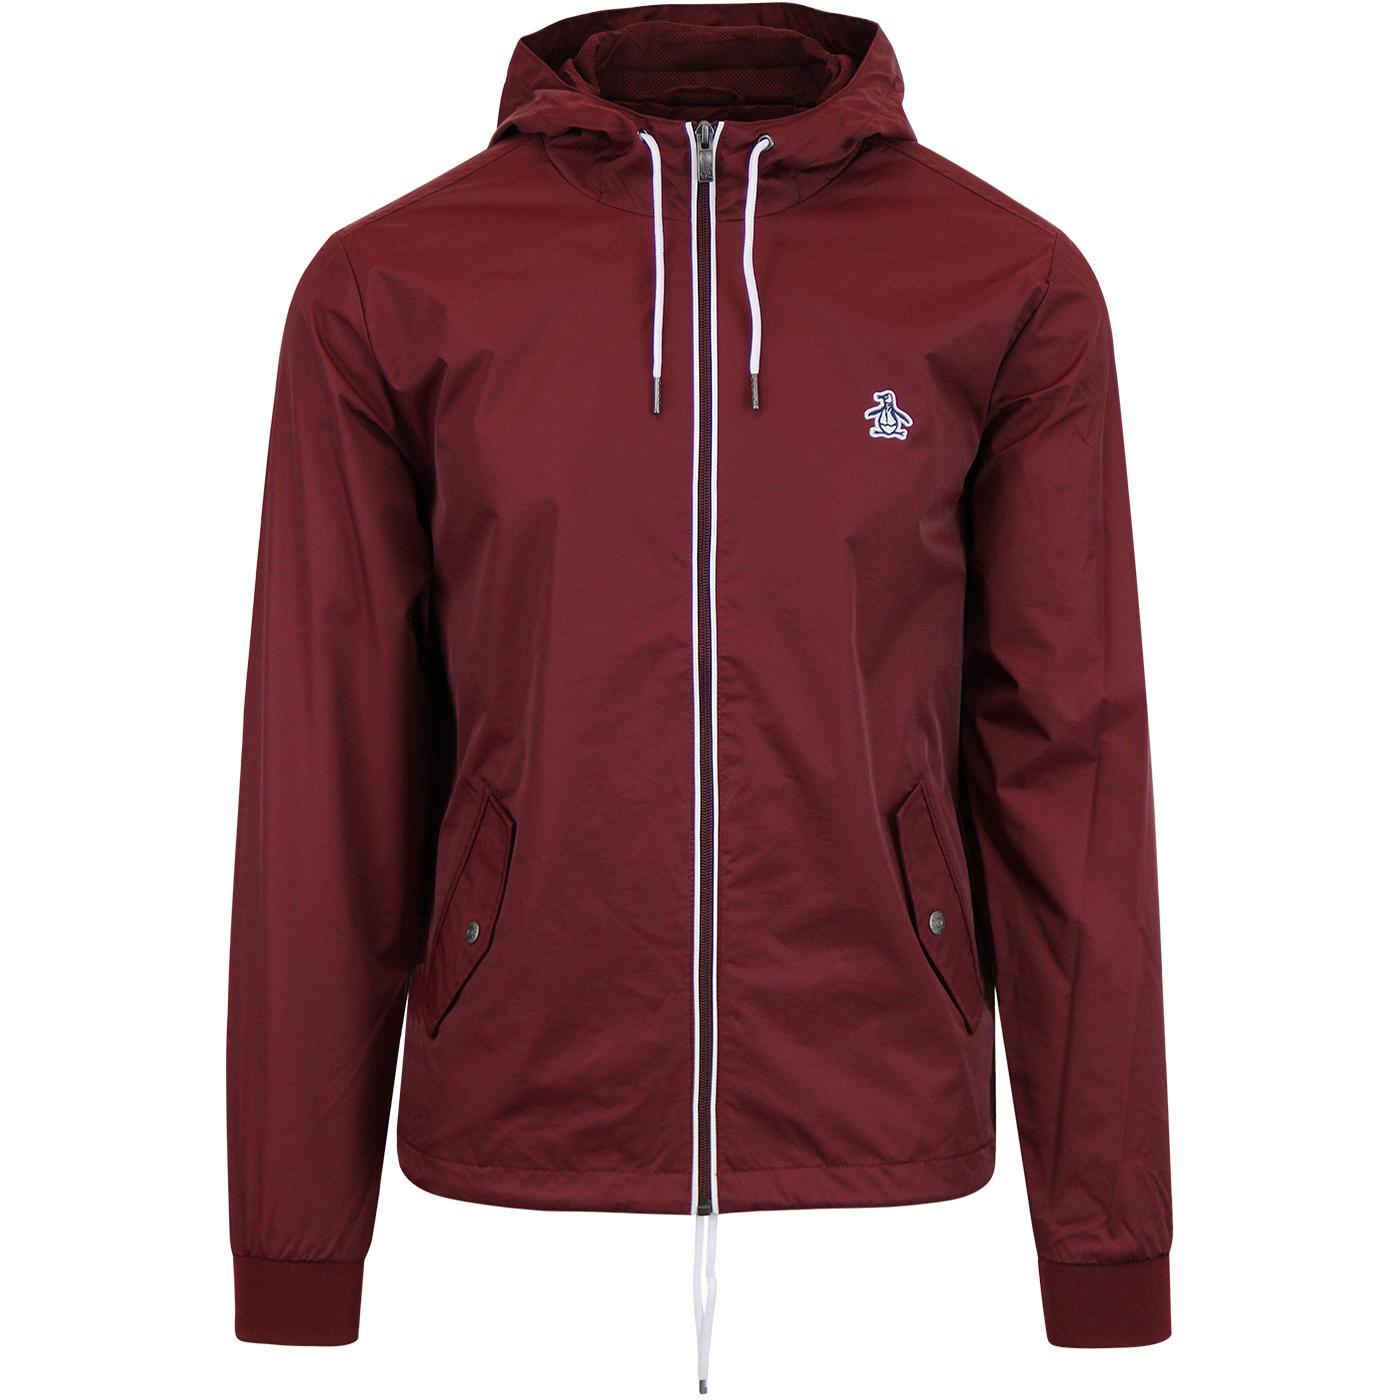 Hooded Ratner ORIGINAL PENGUIN Zip Up Jacket TP